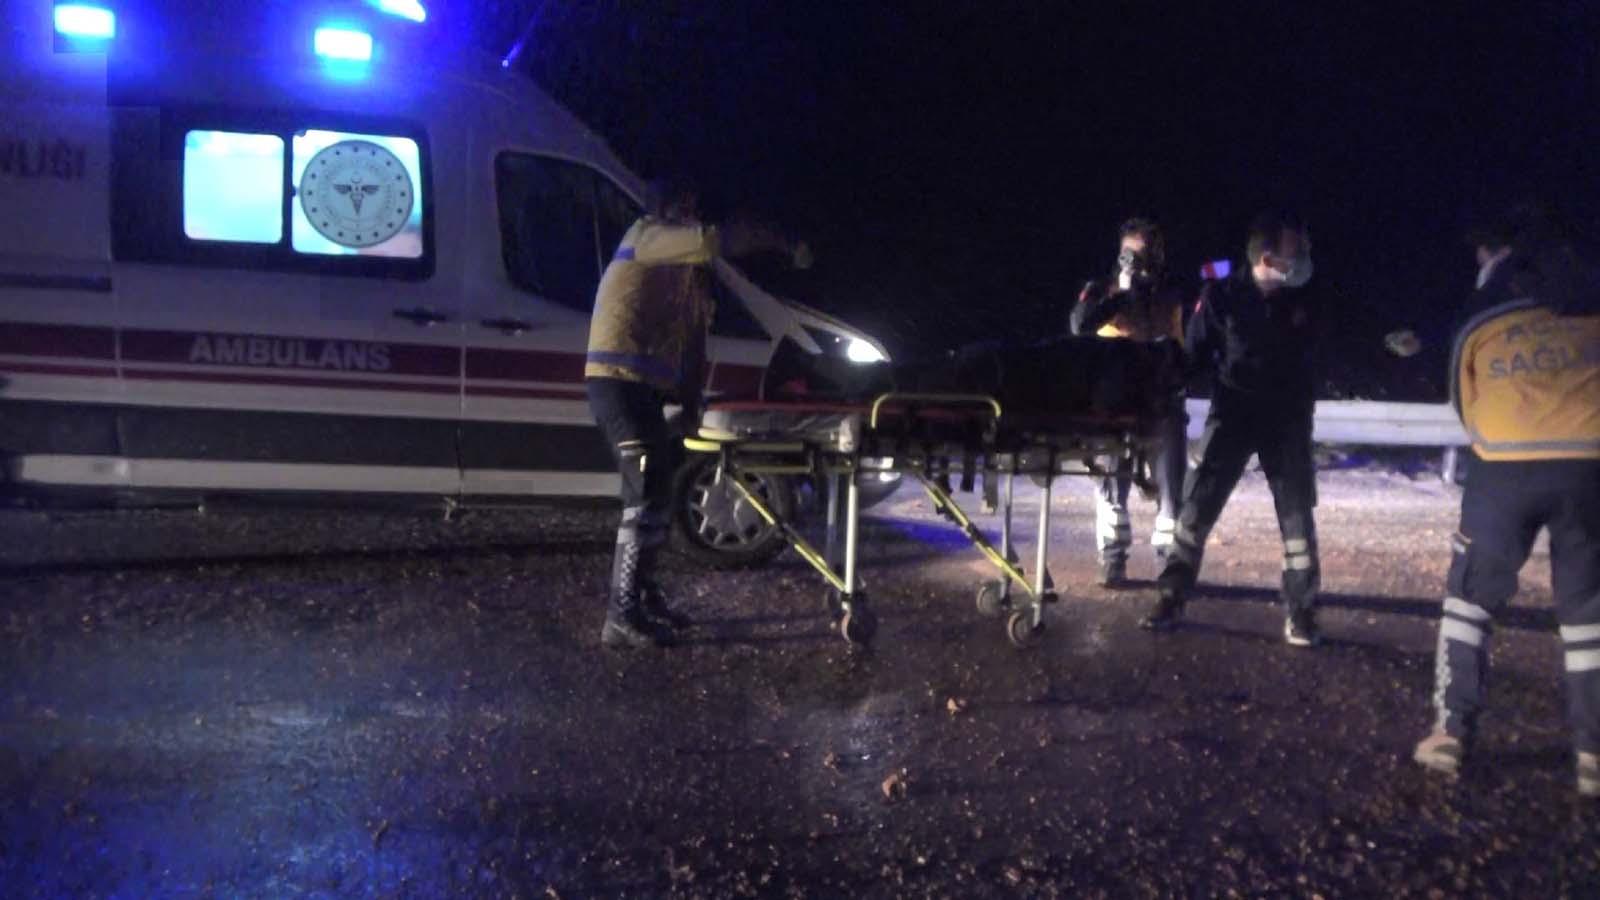 Sivas'ta buzlanma faciaya yol açtı, itfaiye aracı yoldan çıktı: 2'si ağır 5 yaralı